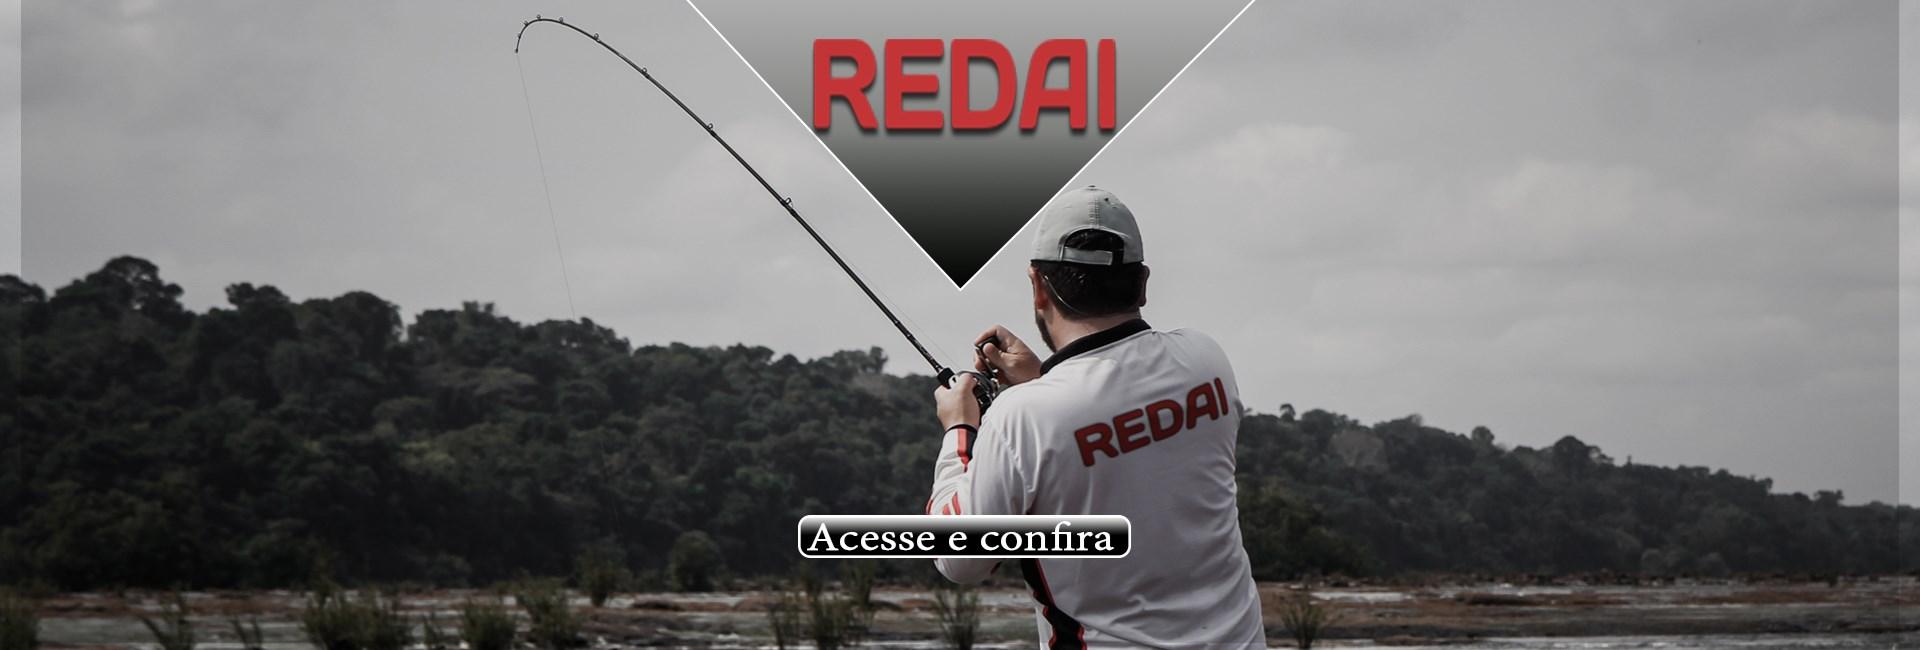 Redai